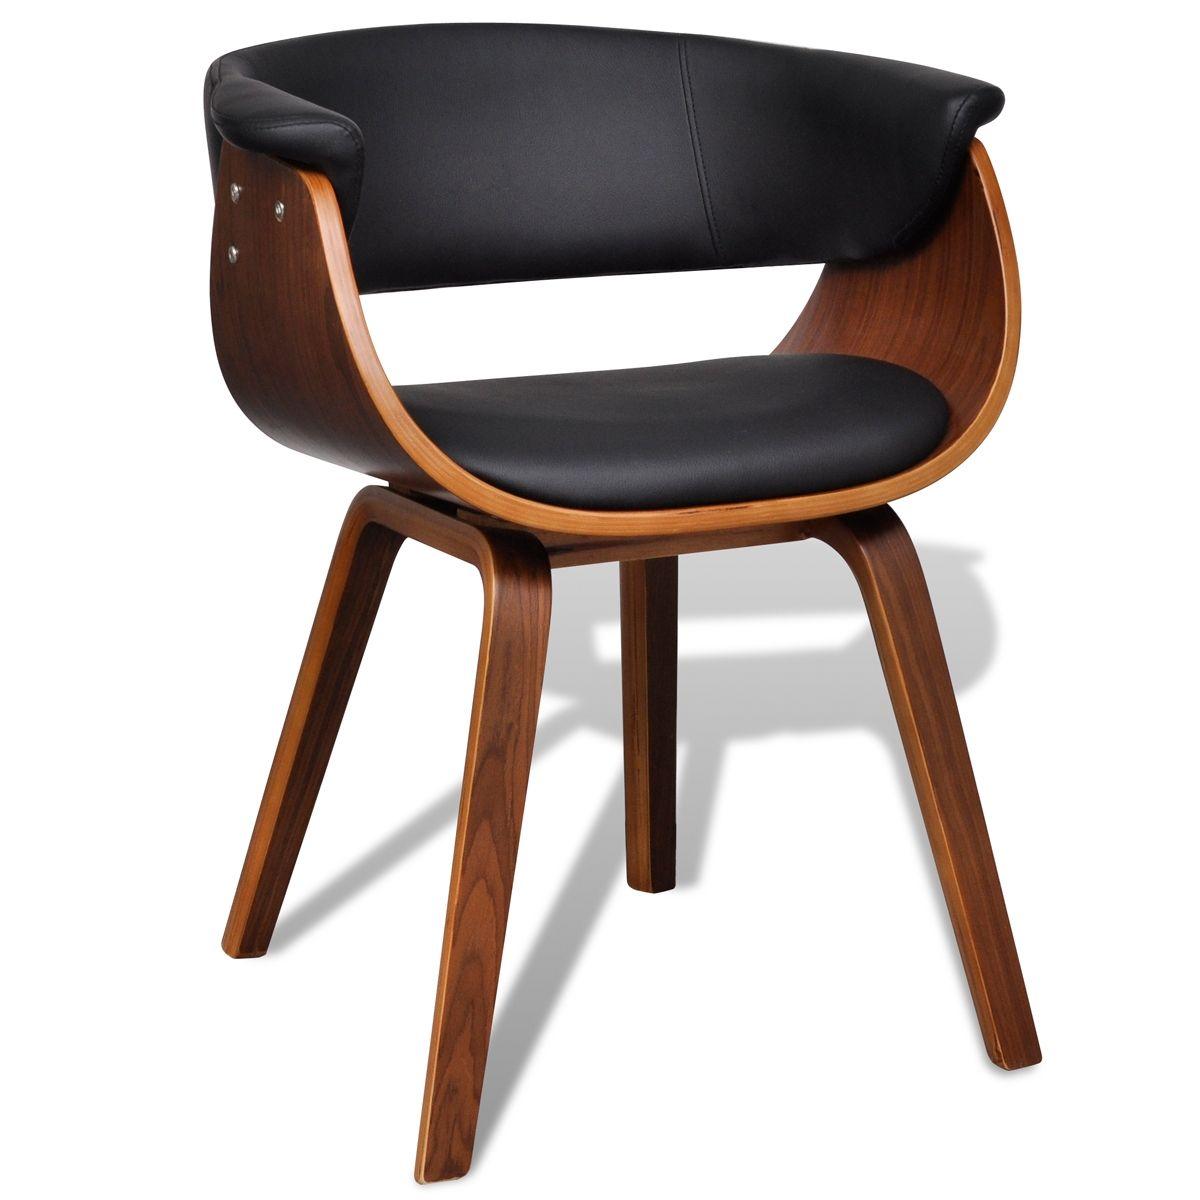 Ebay Esszimmer | Details Zu Esszimmer Stuhl Stuhle Sessel Esszimmerstuhle